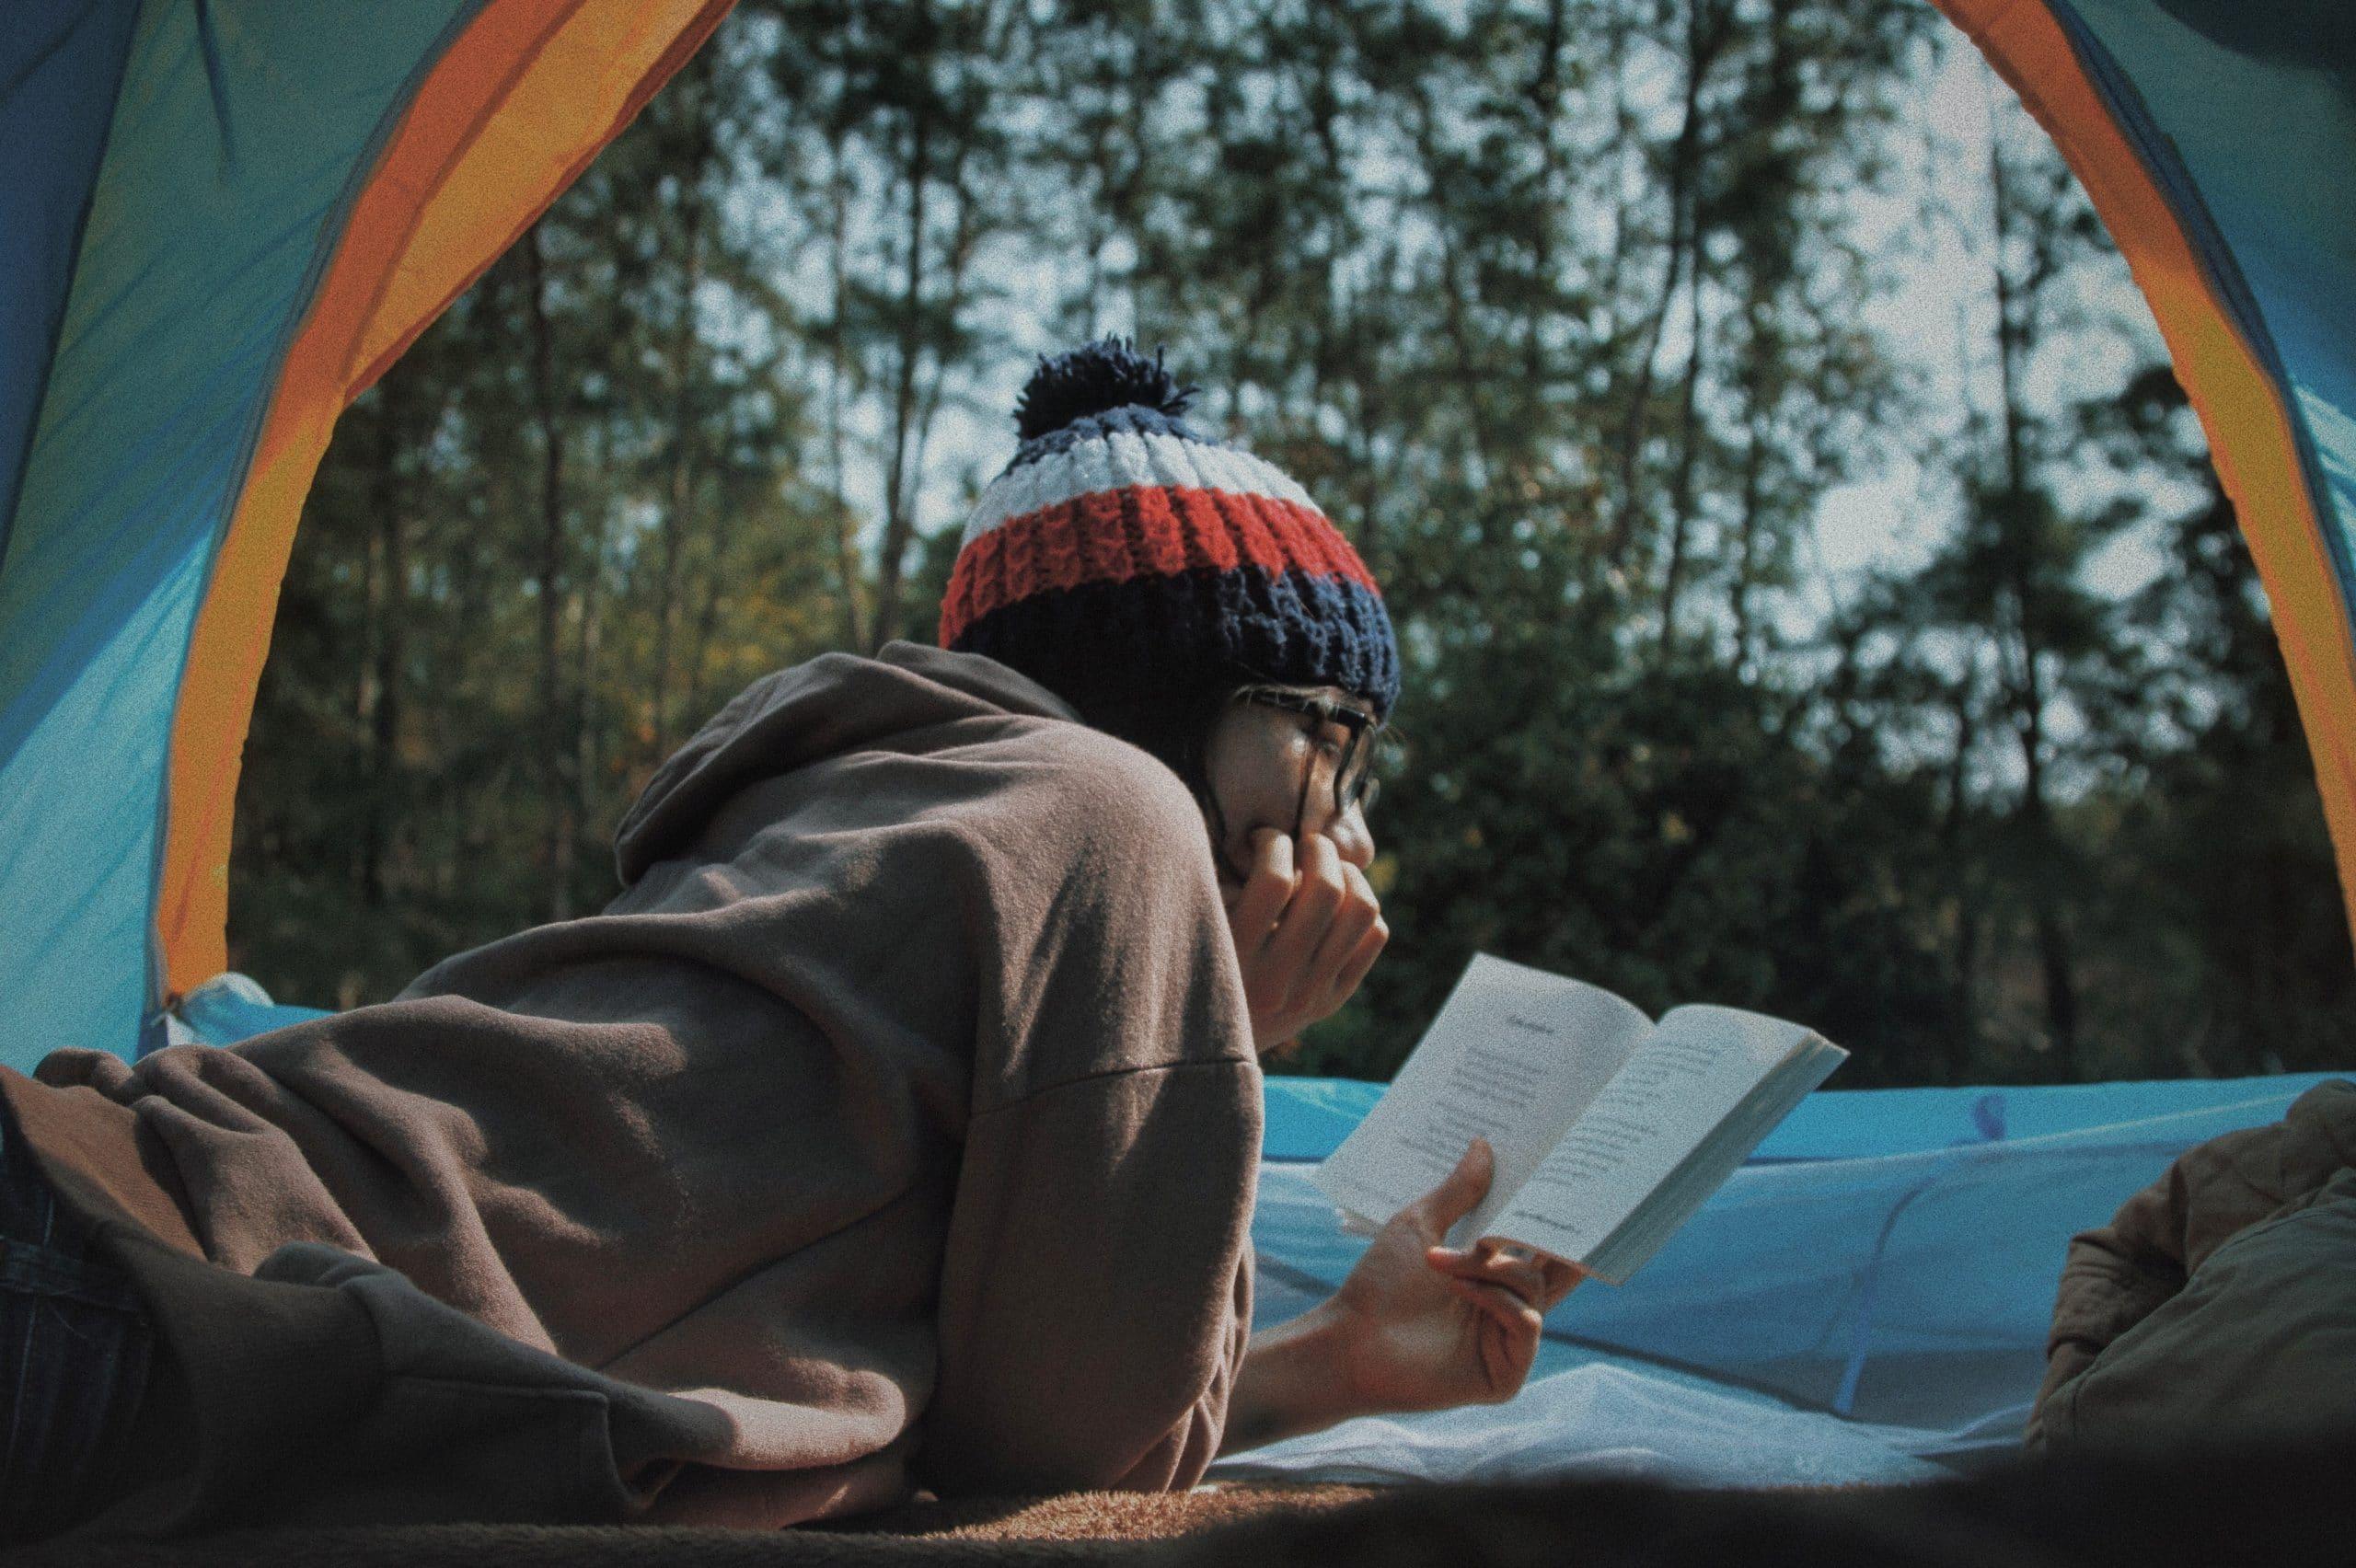 Comment choisir un bon matelas gonflable pour le camping ? 2